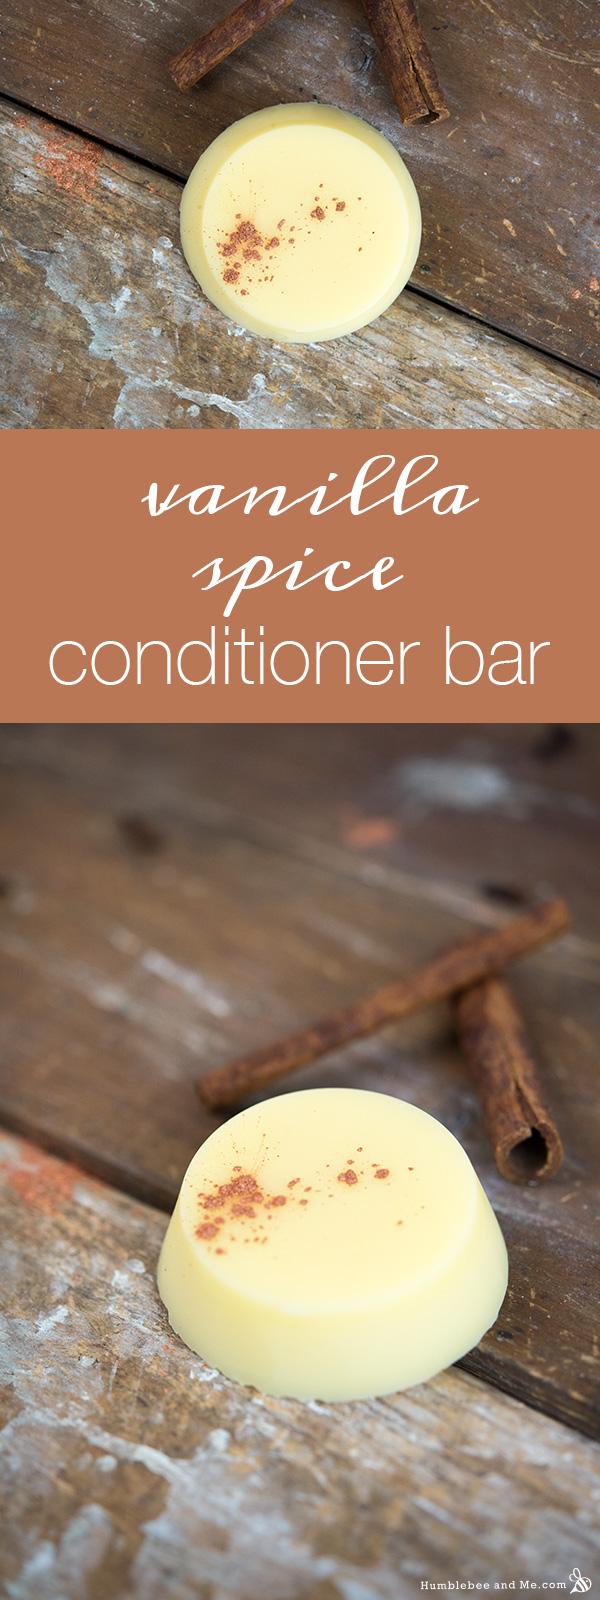 Ванильный кондиционер Spice Bar